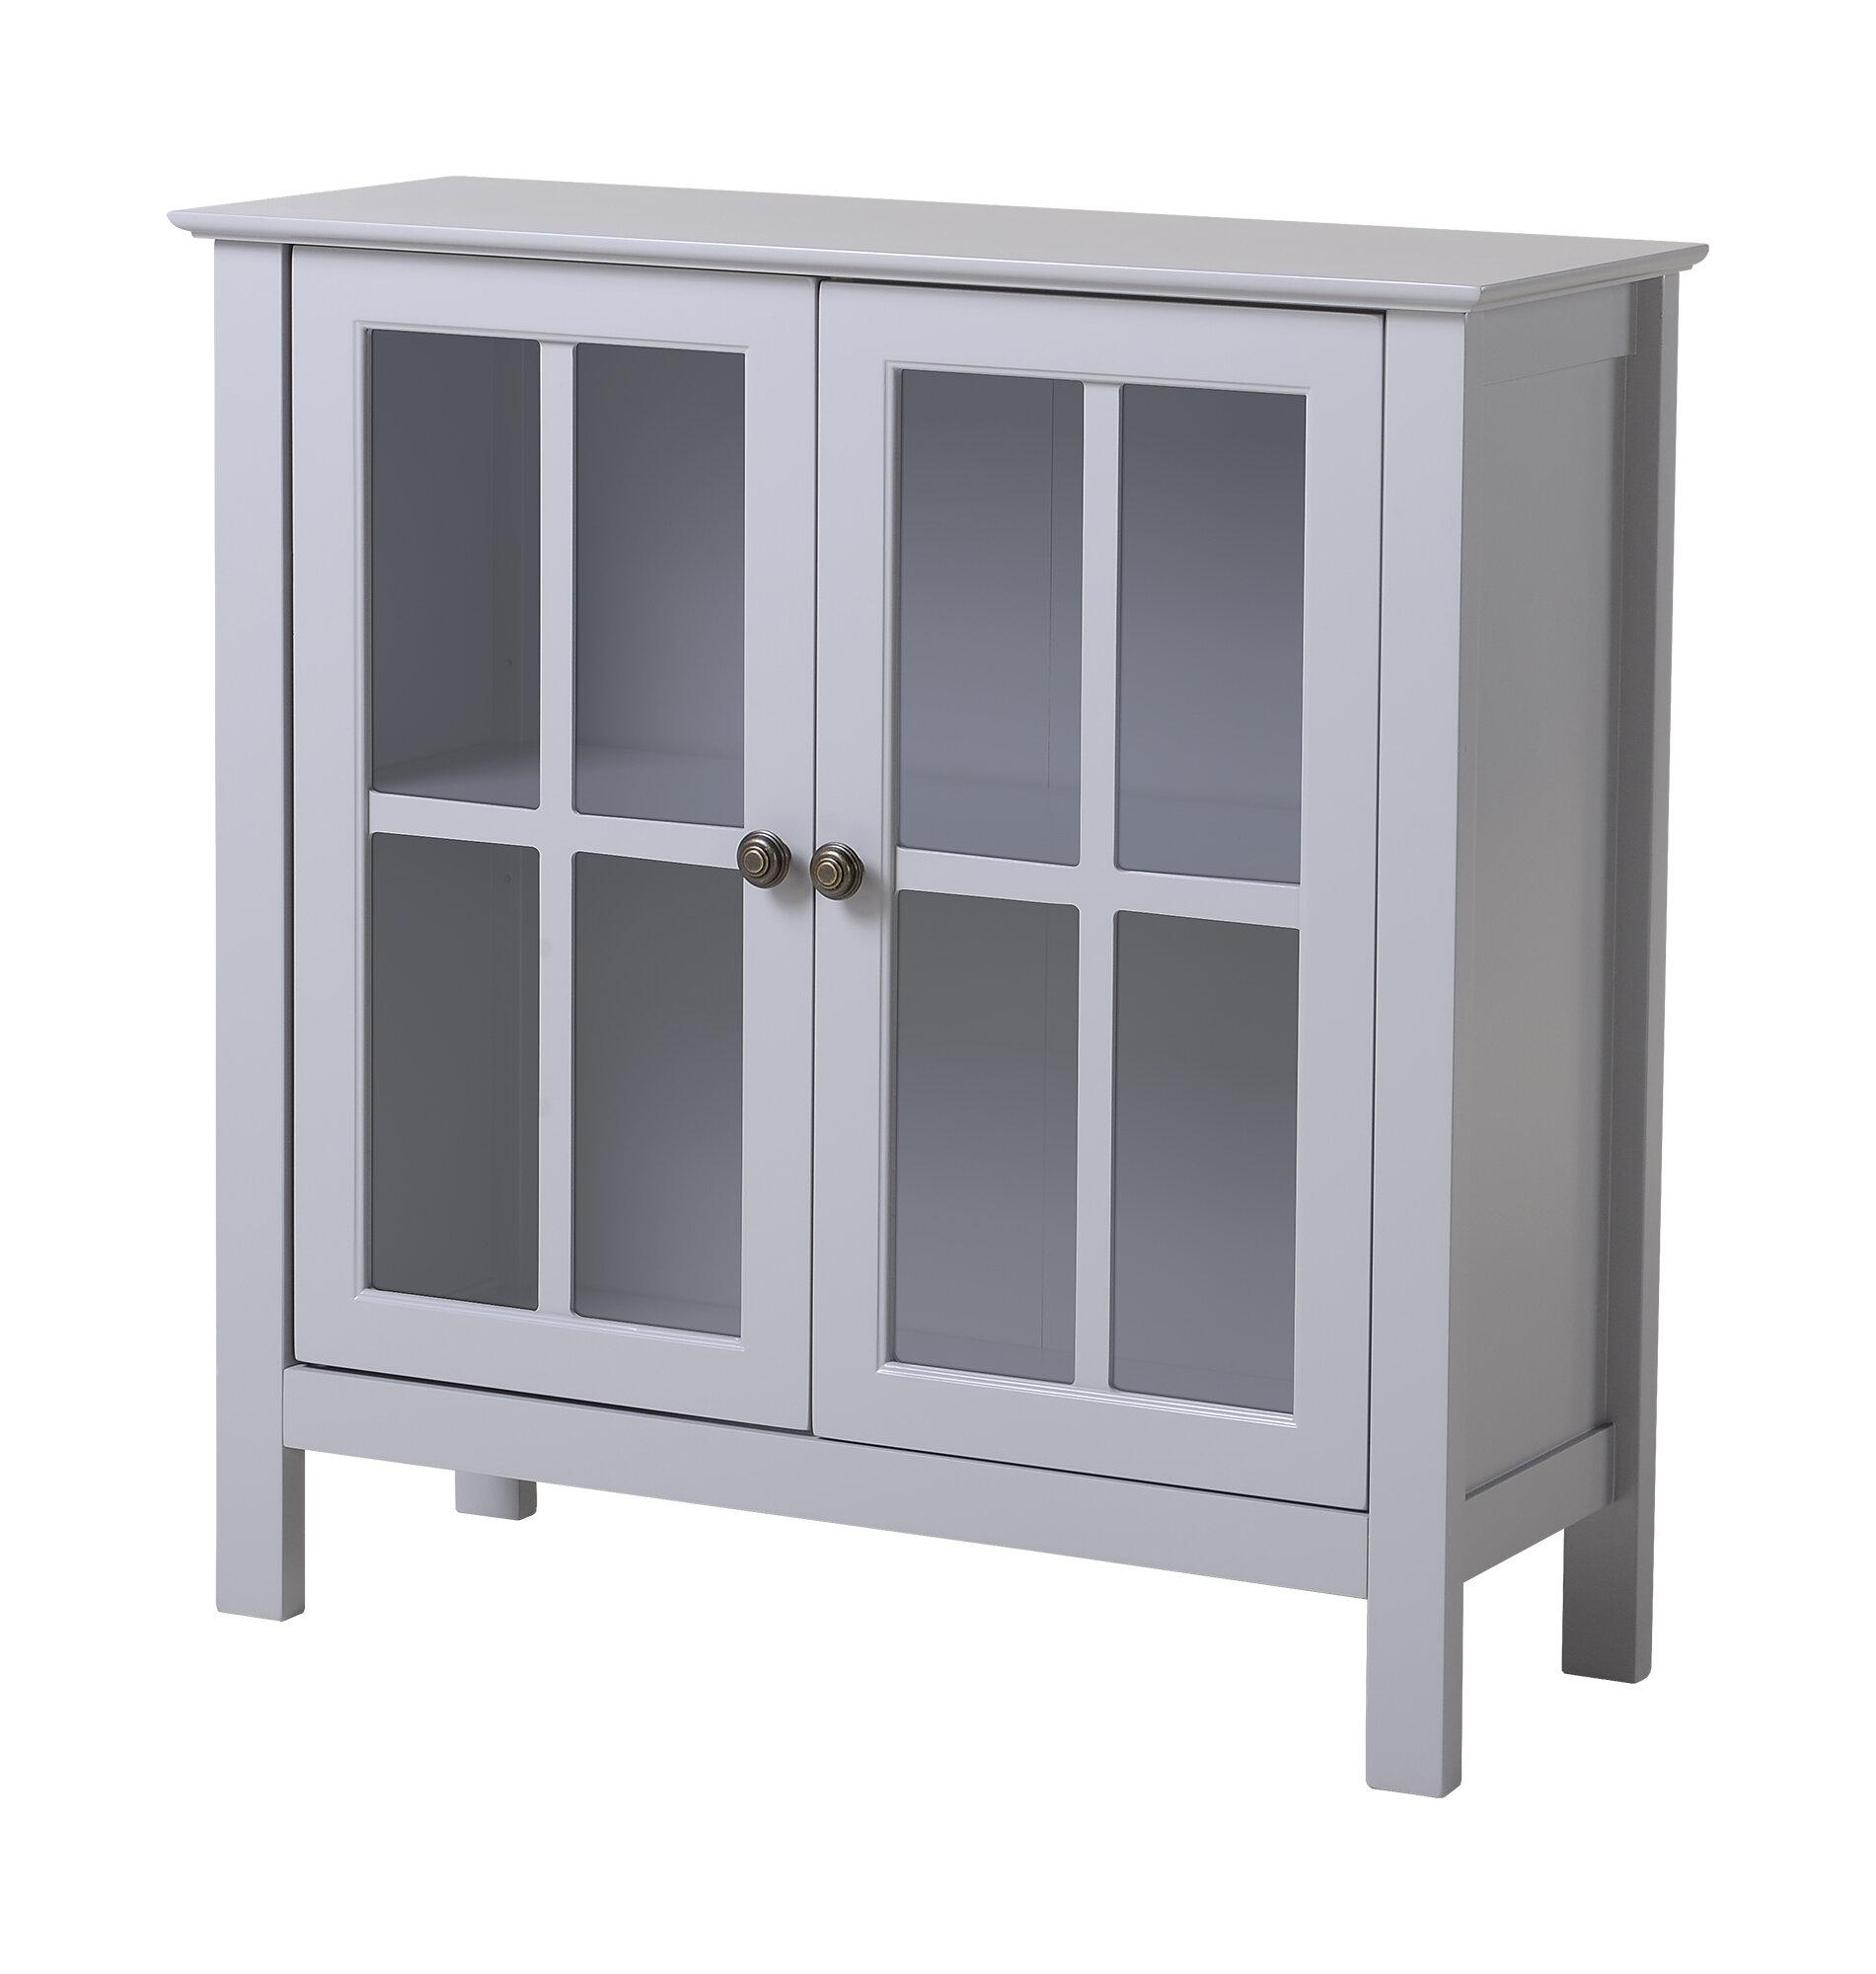 Glass 2 Door Accent Cabinet Reviews Allmodern